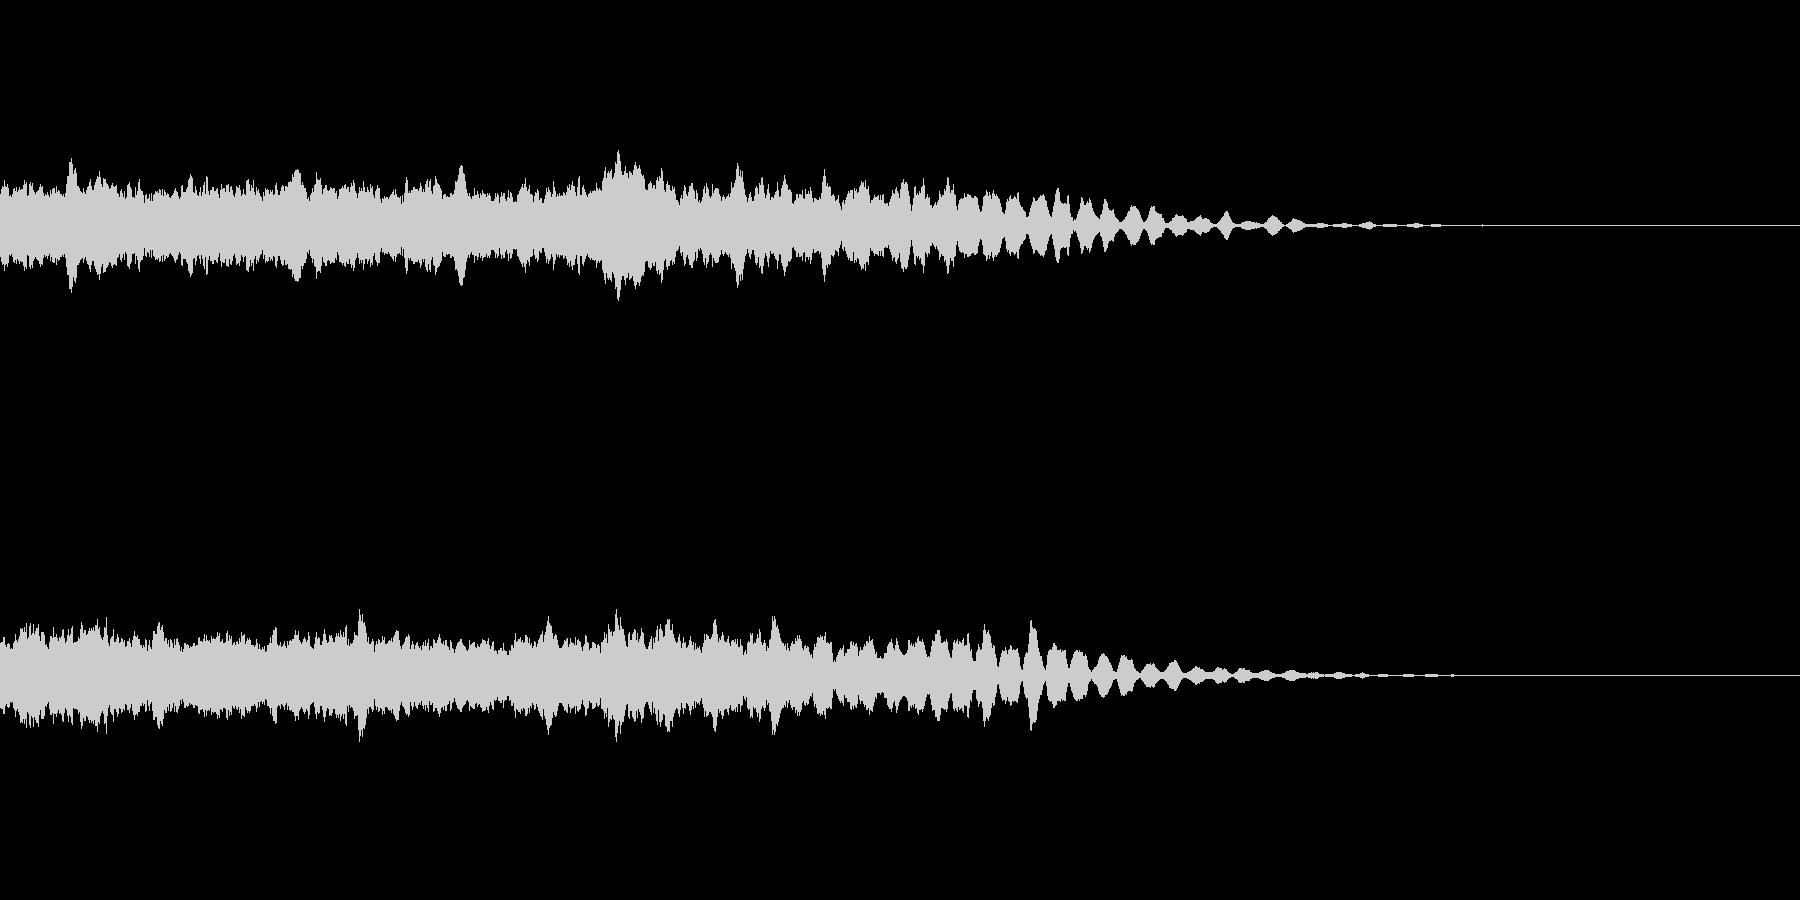 ダンスミュージックに合う上昇音の未再生の波形